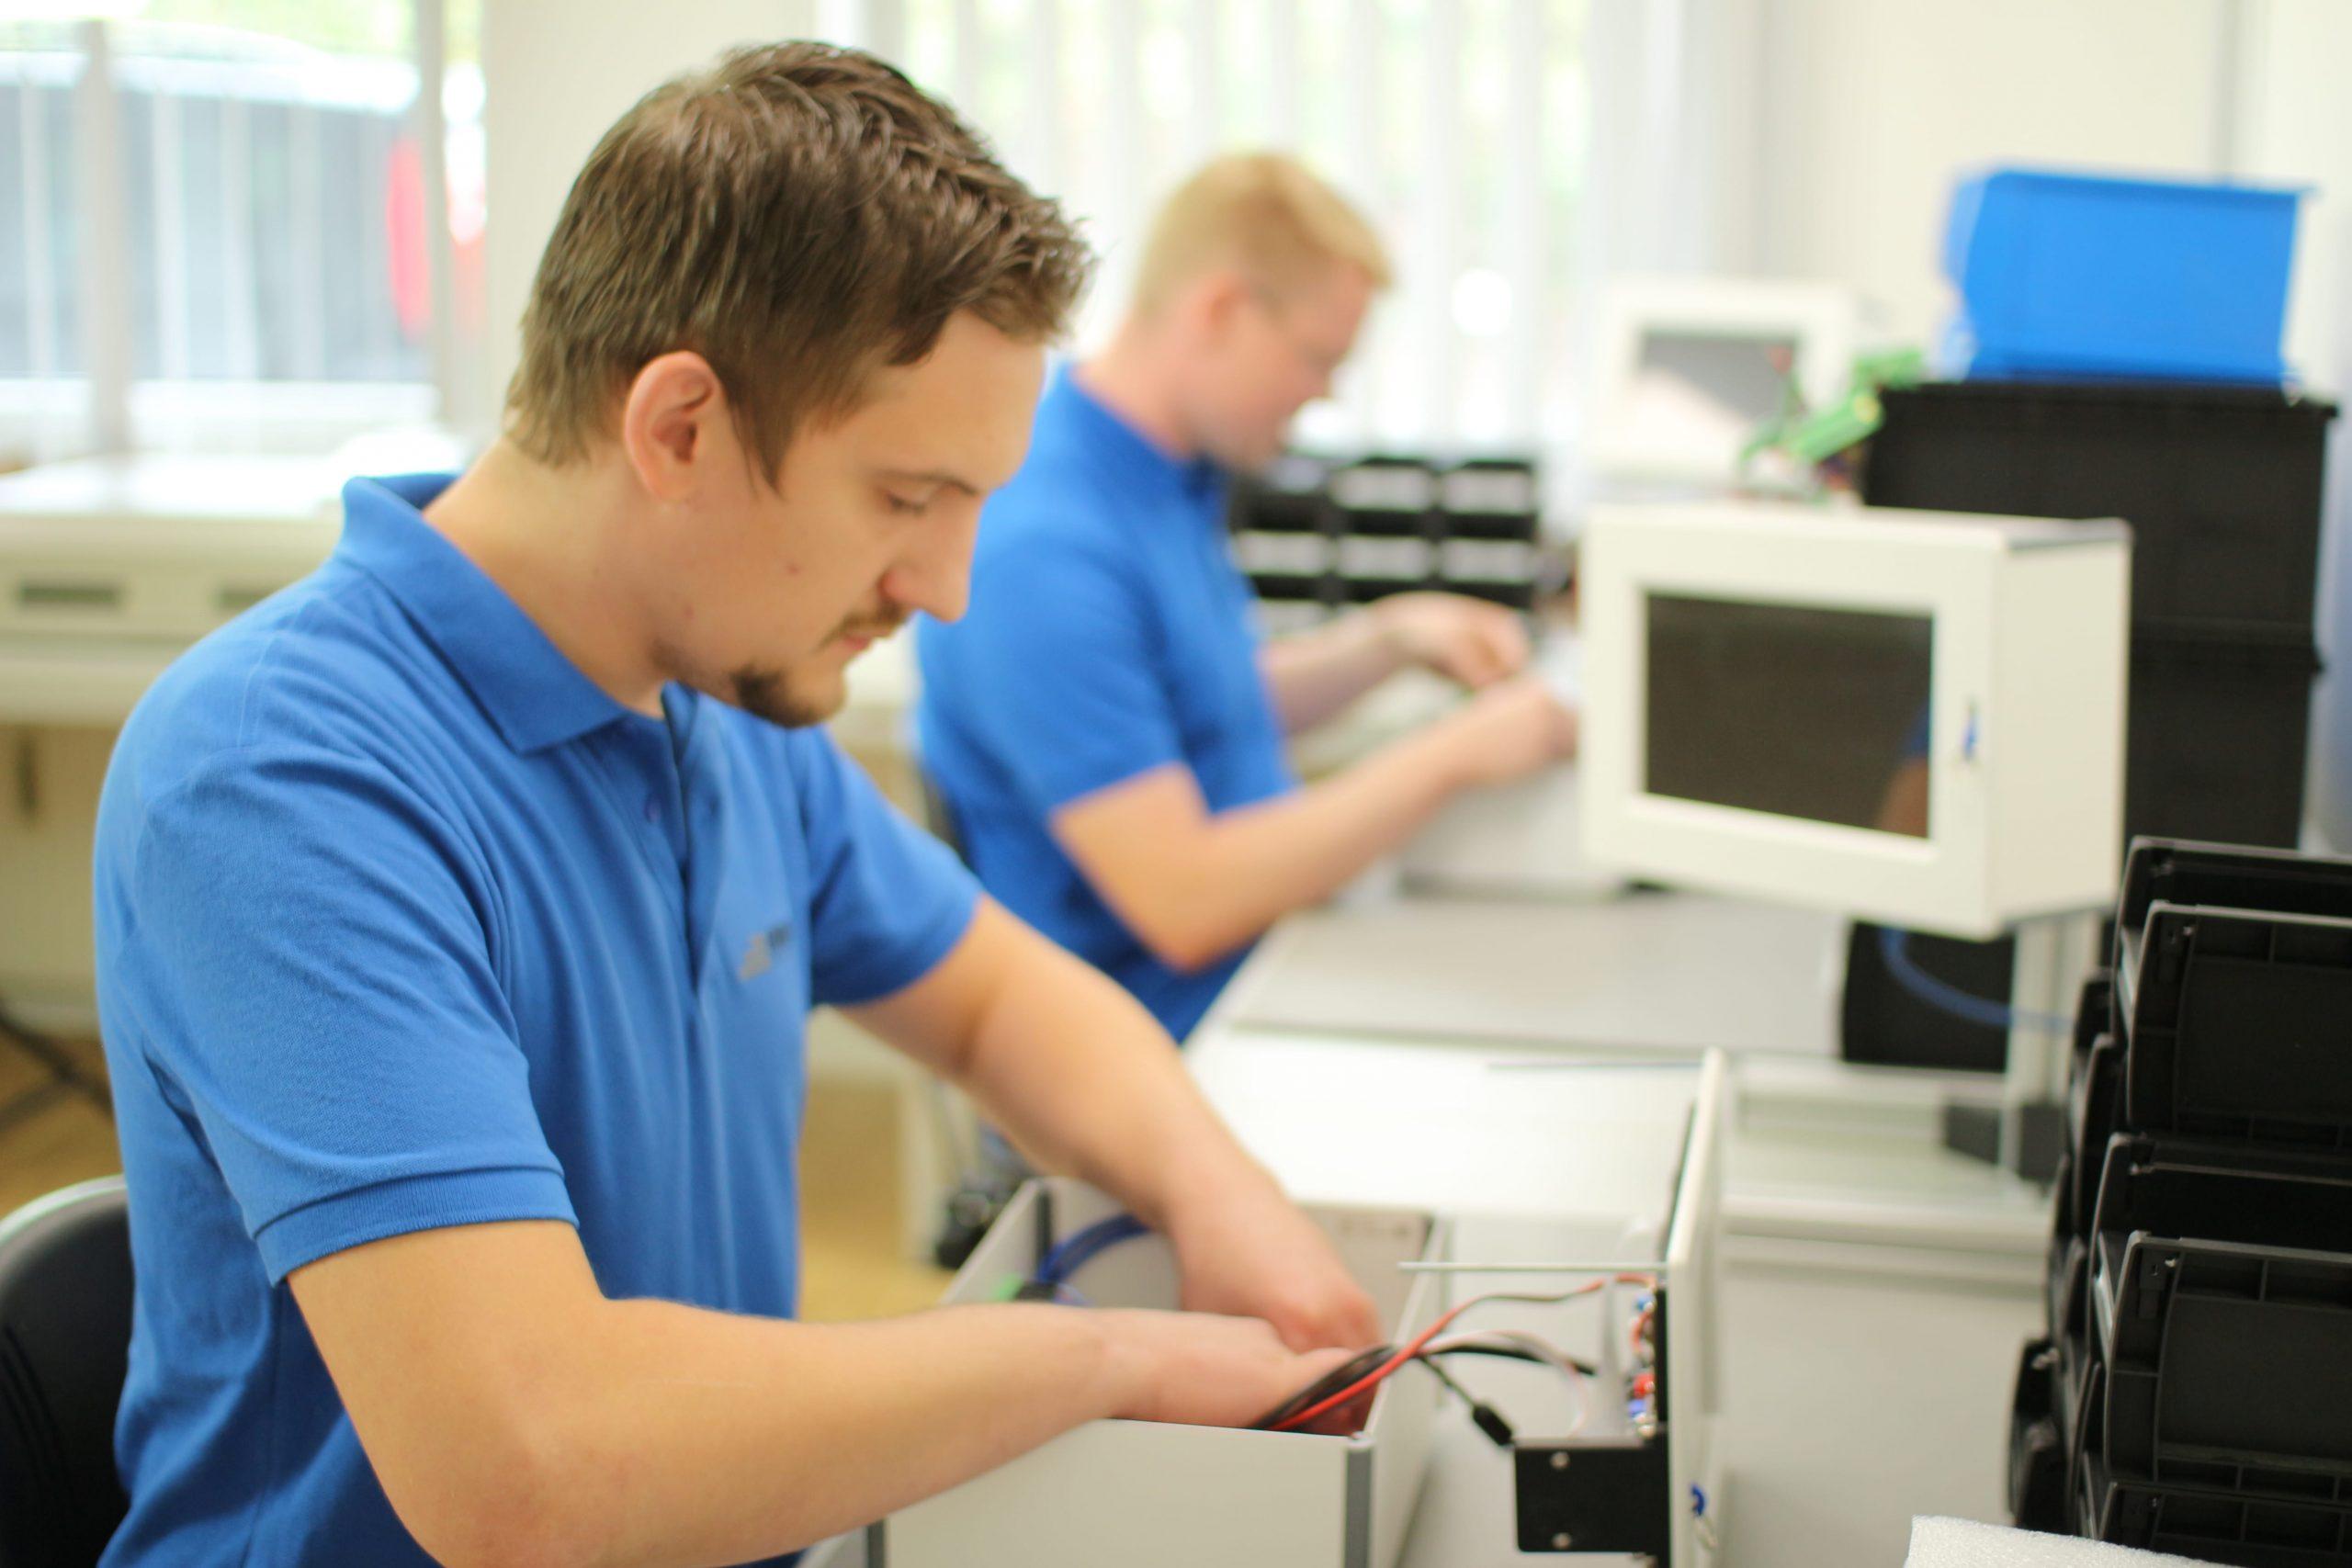 Produktionsmitarbeiter werden durch ELAM unterstützt